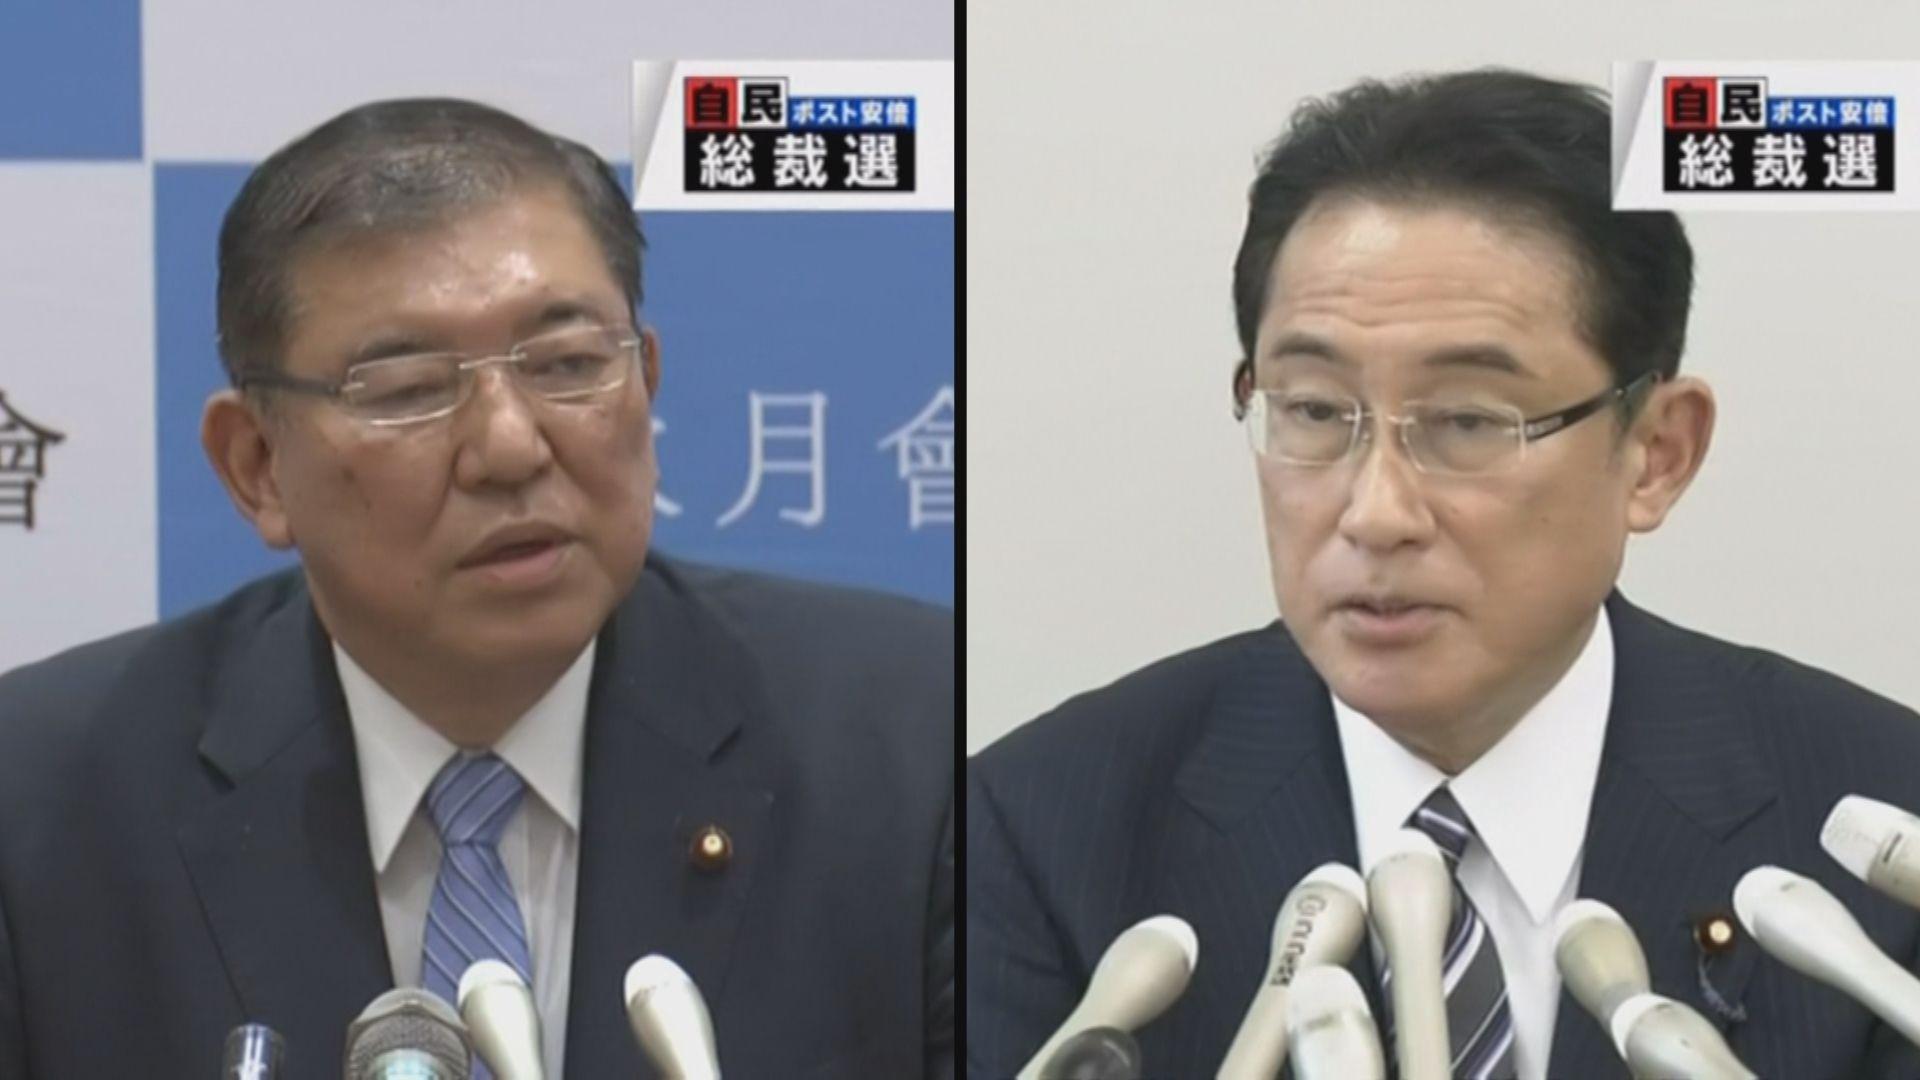 岸田文雄和石破茂宣布參選自民黨總裁